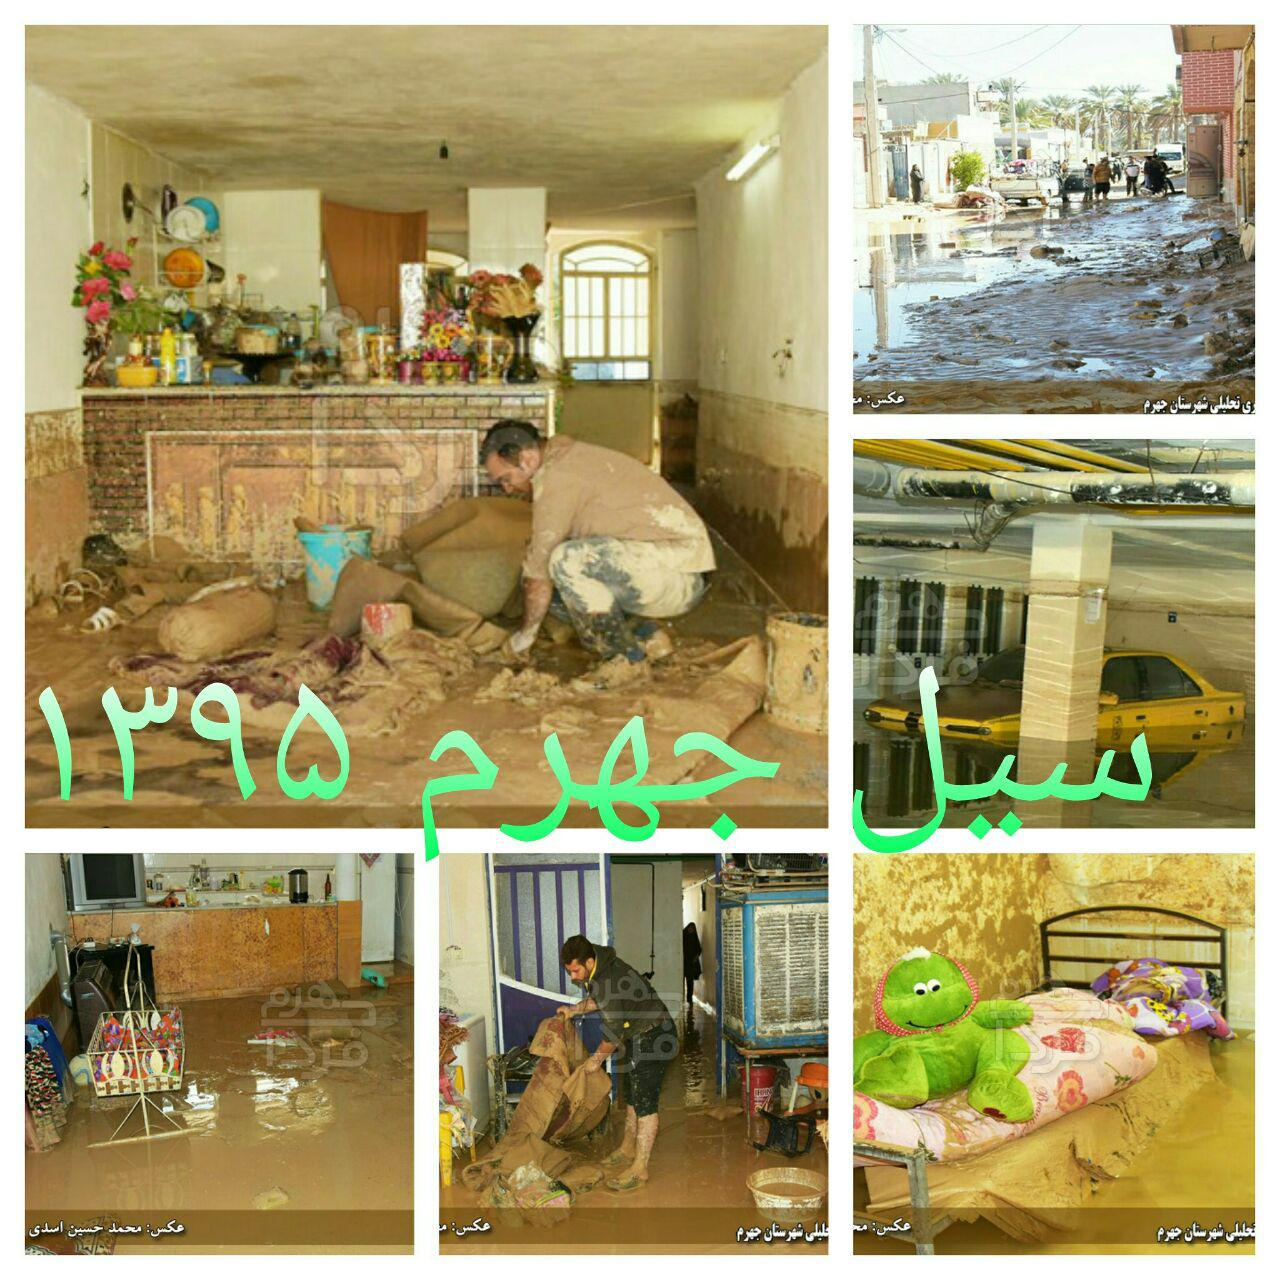 گزارش تصویری/ خرابی ها و خسارات سیل اخیر به منازل در جهرم